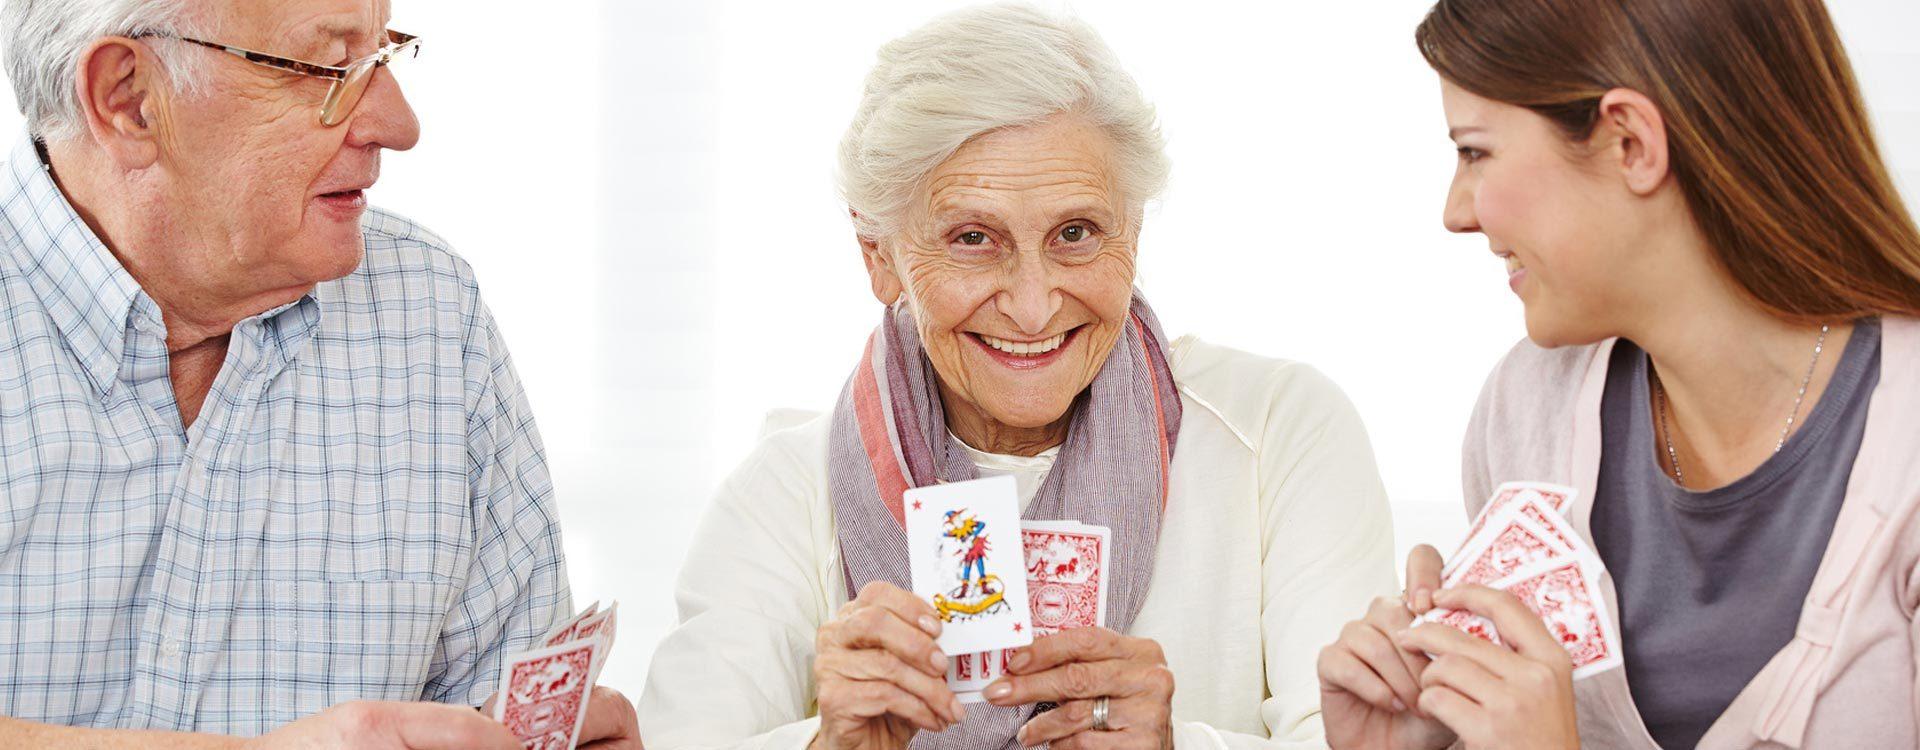 Senioren beim Kartenspielen, betreut durch den Pflegedienst Hermine.